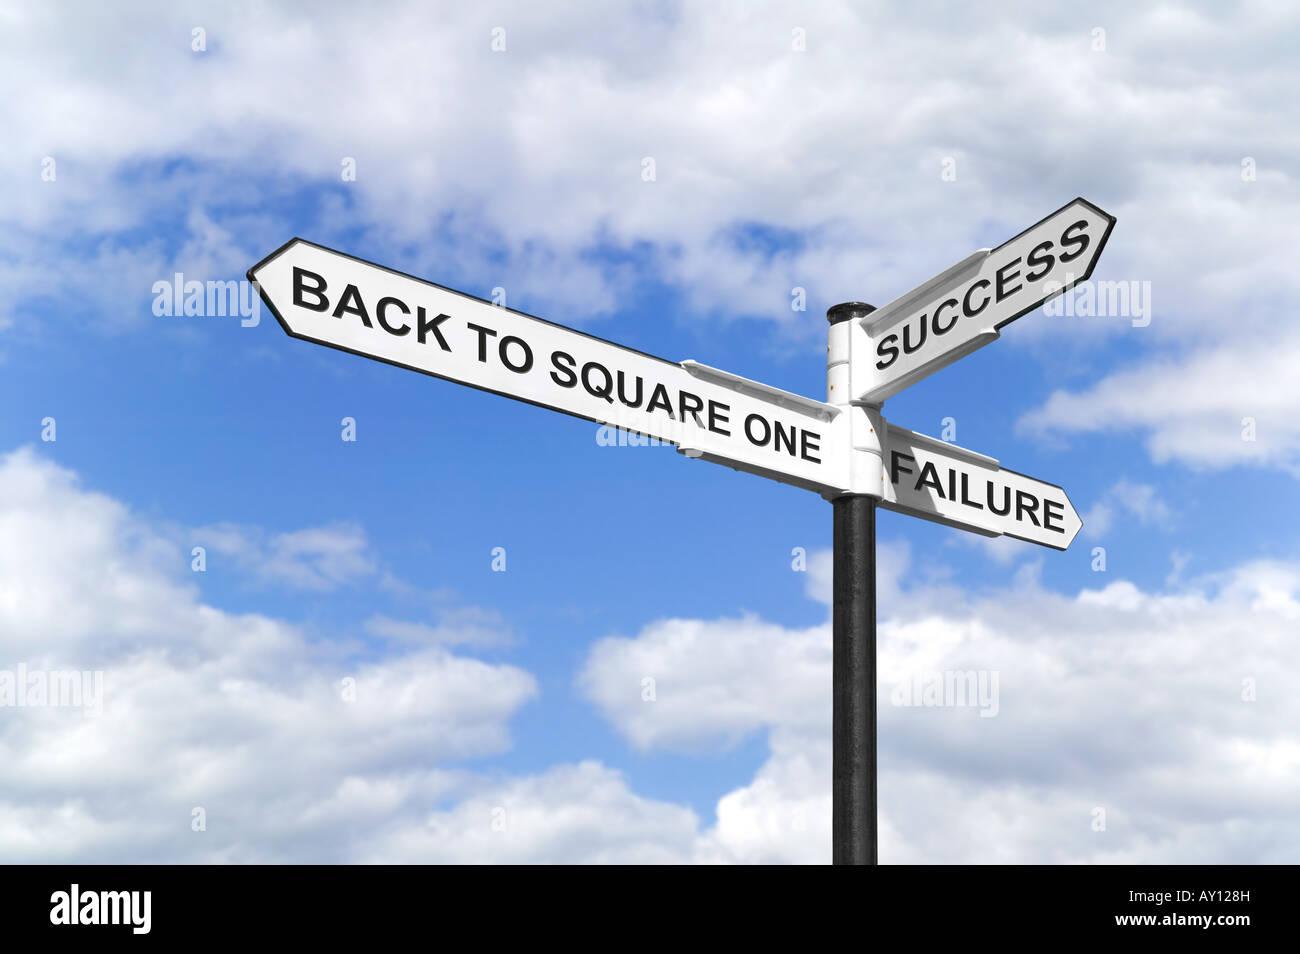 Concetto di immagine di un cartello con il retro di uno quadrato del successo e del fallimento contro un blu cielo Immagini Stock